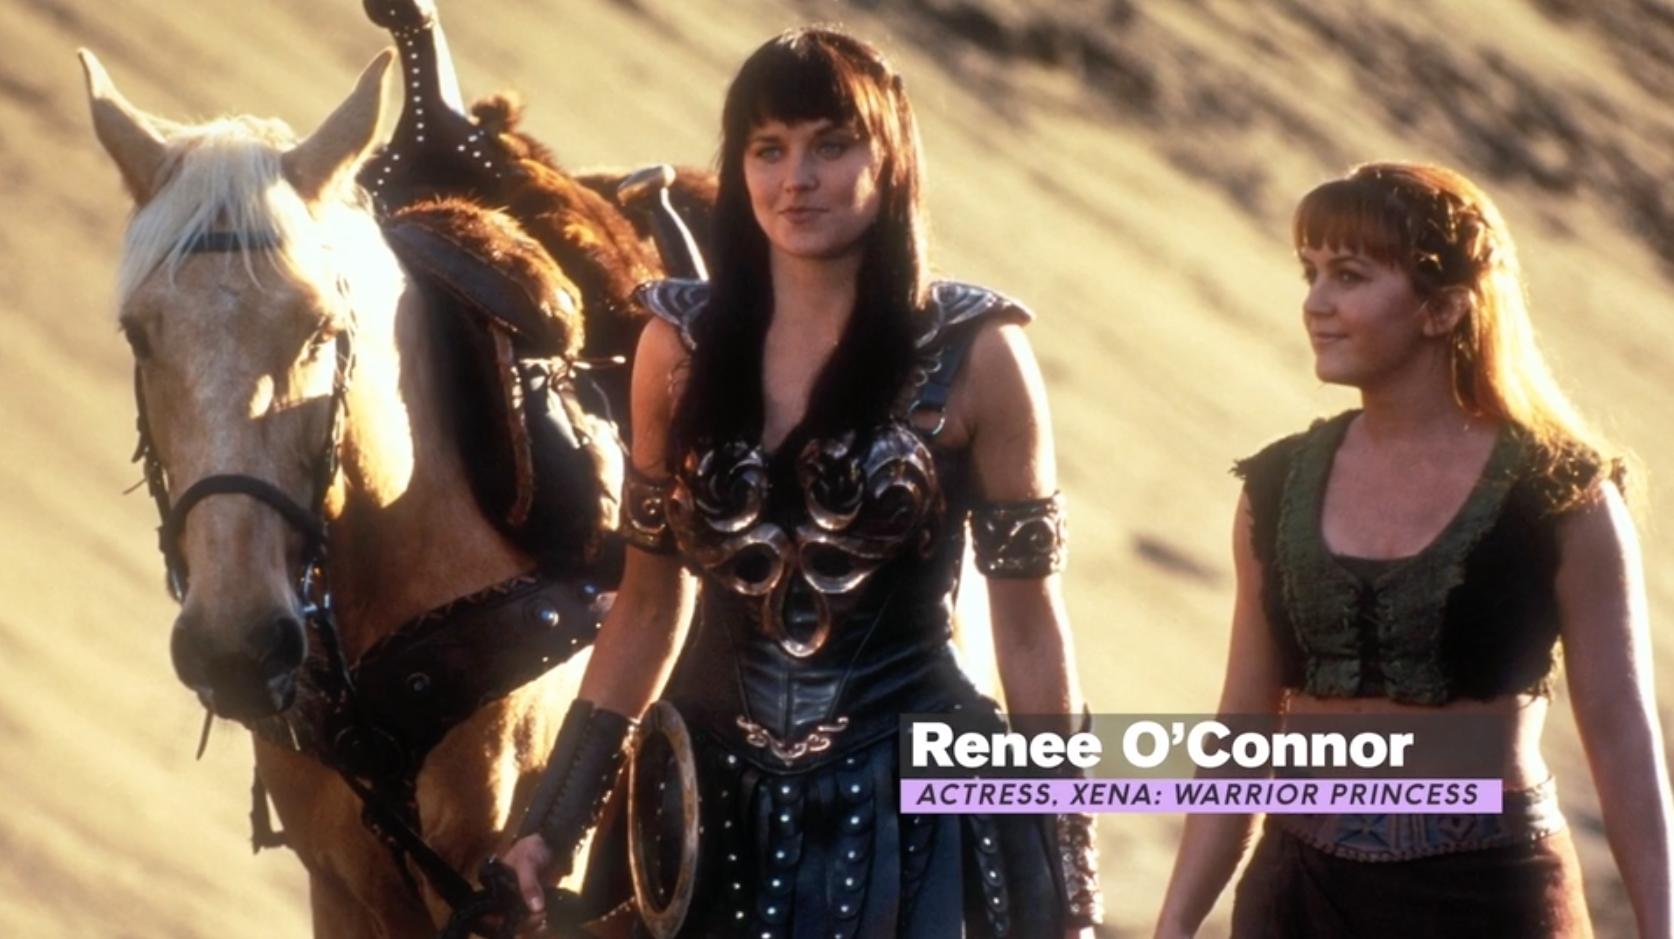 Xena-Gabriella-Screengrab3.png